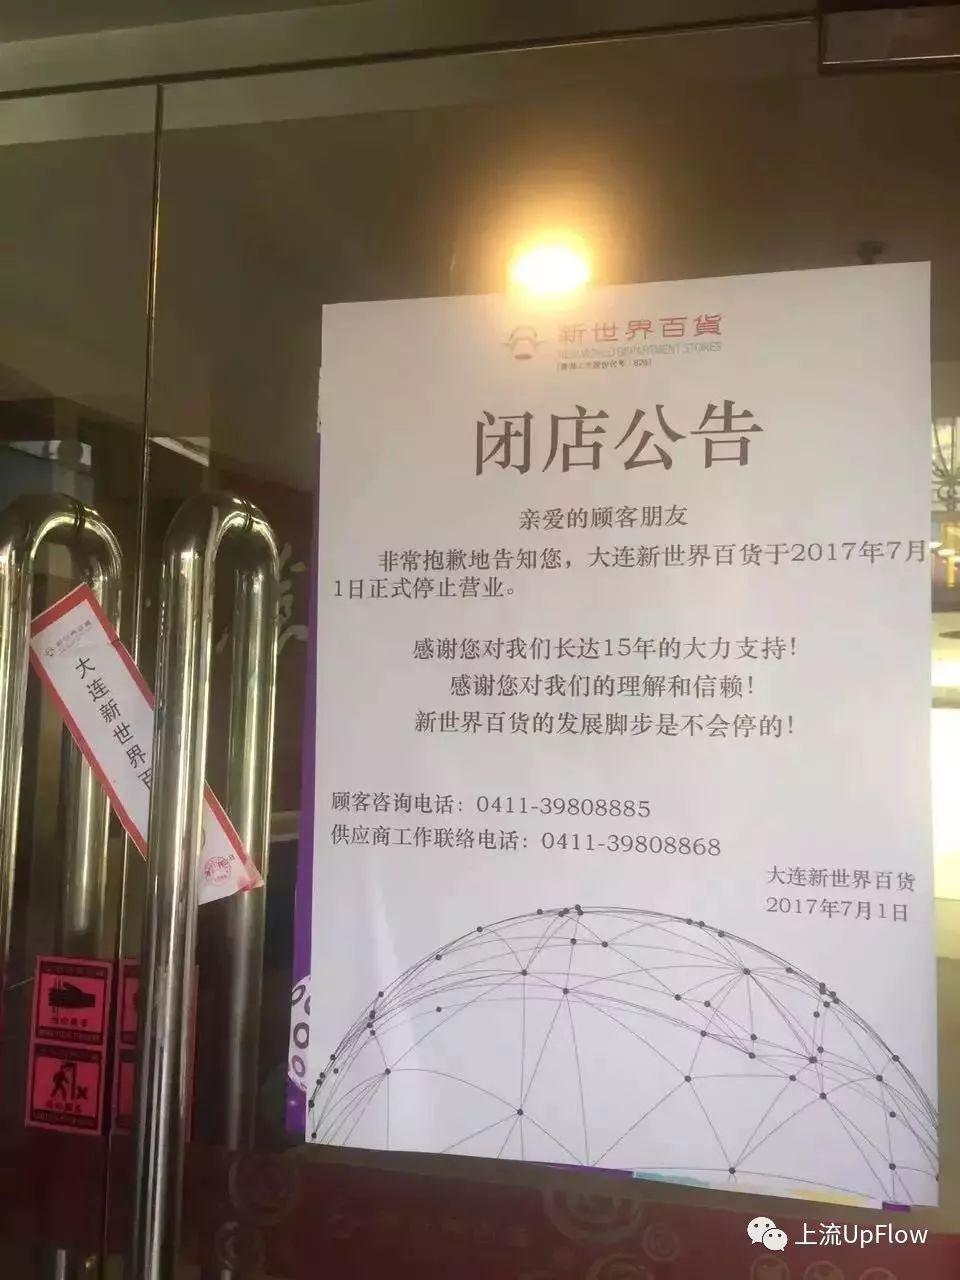 除了性生活,只剩打麻将:中国2000多个县城生活实录